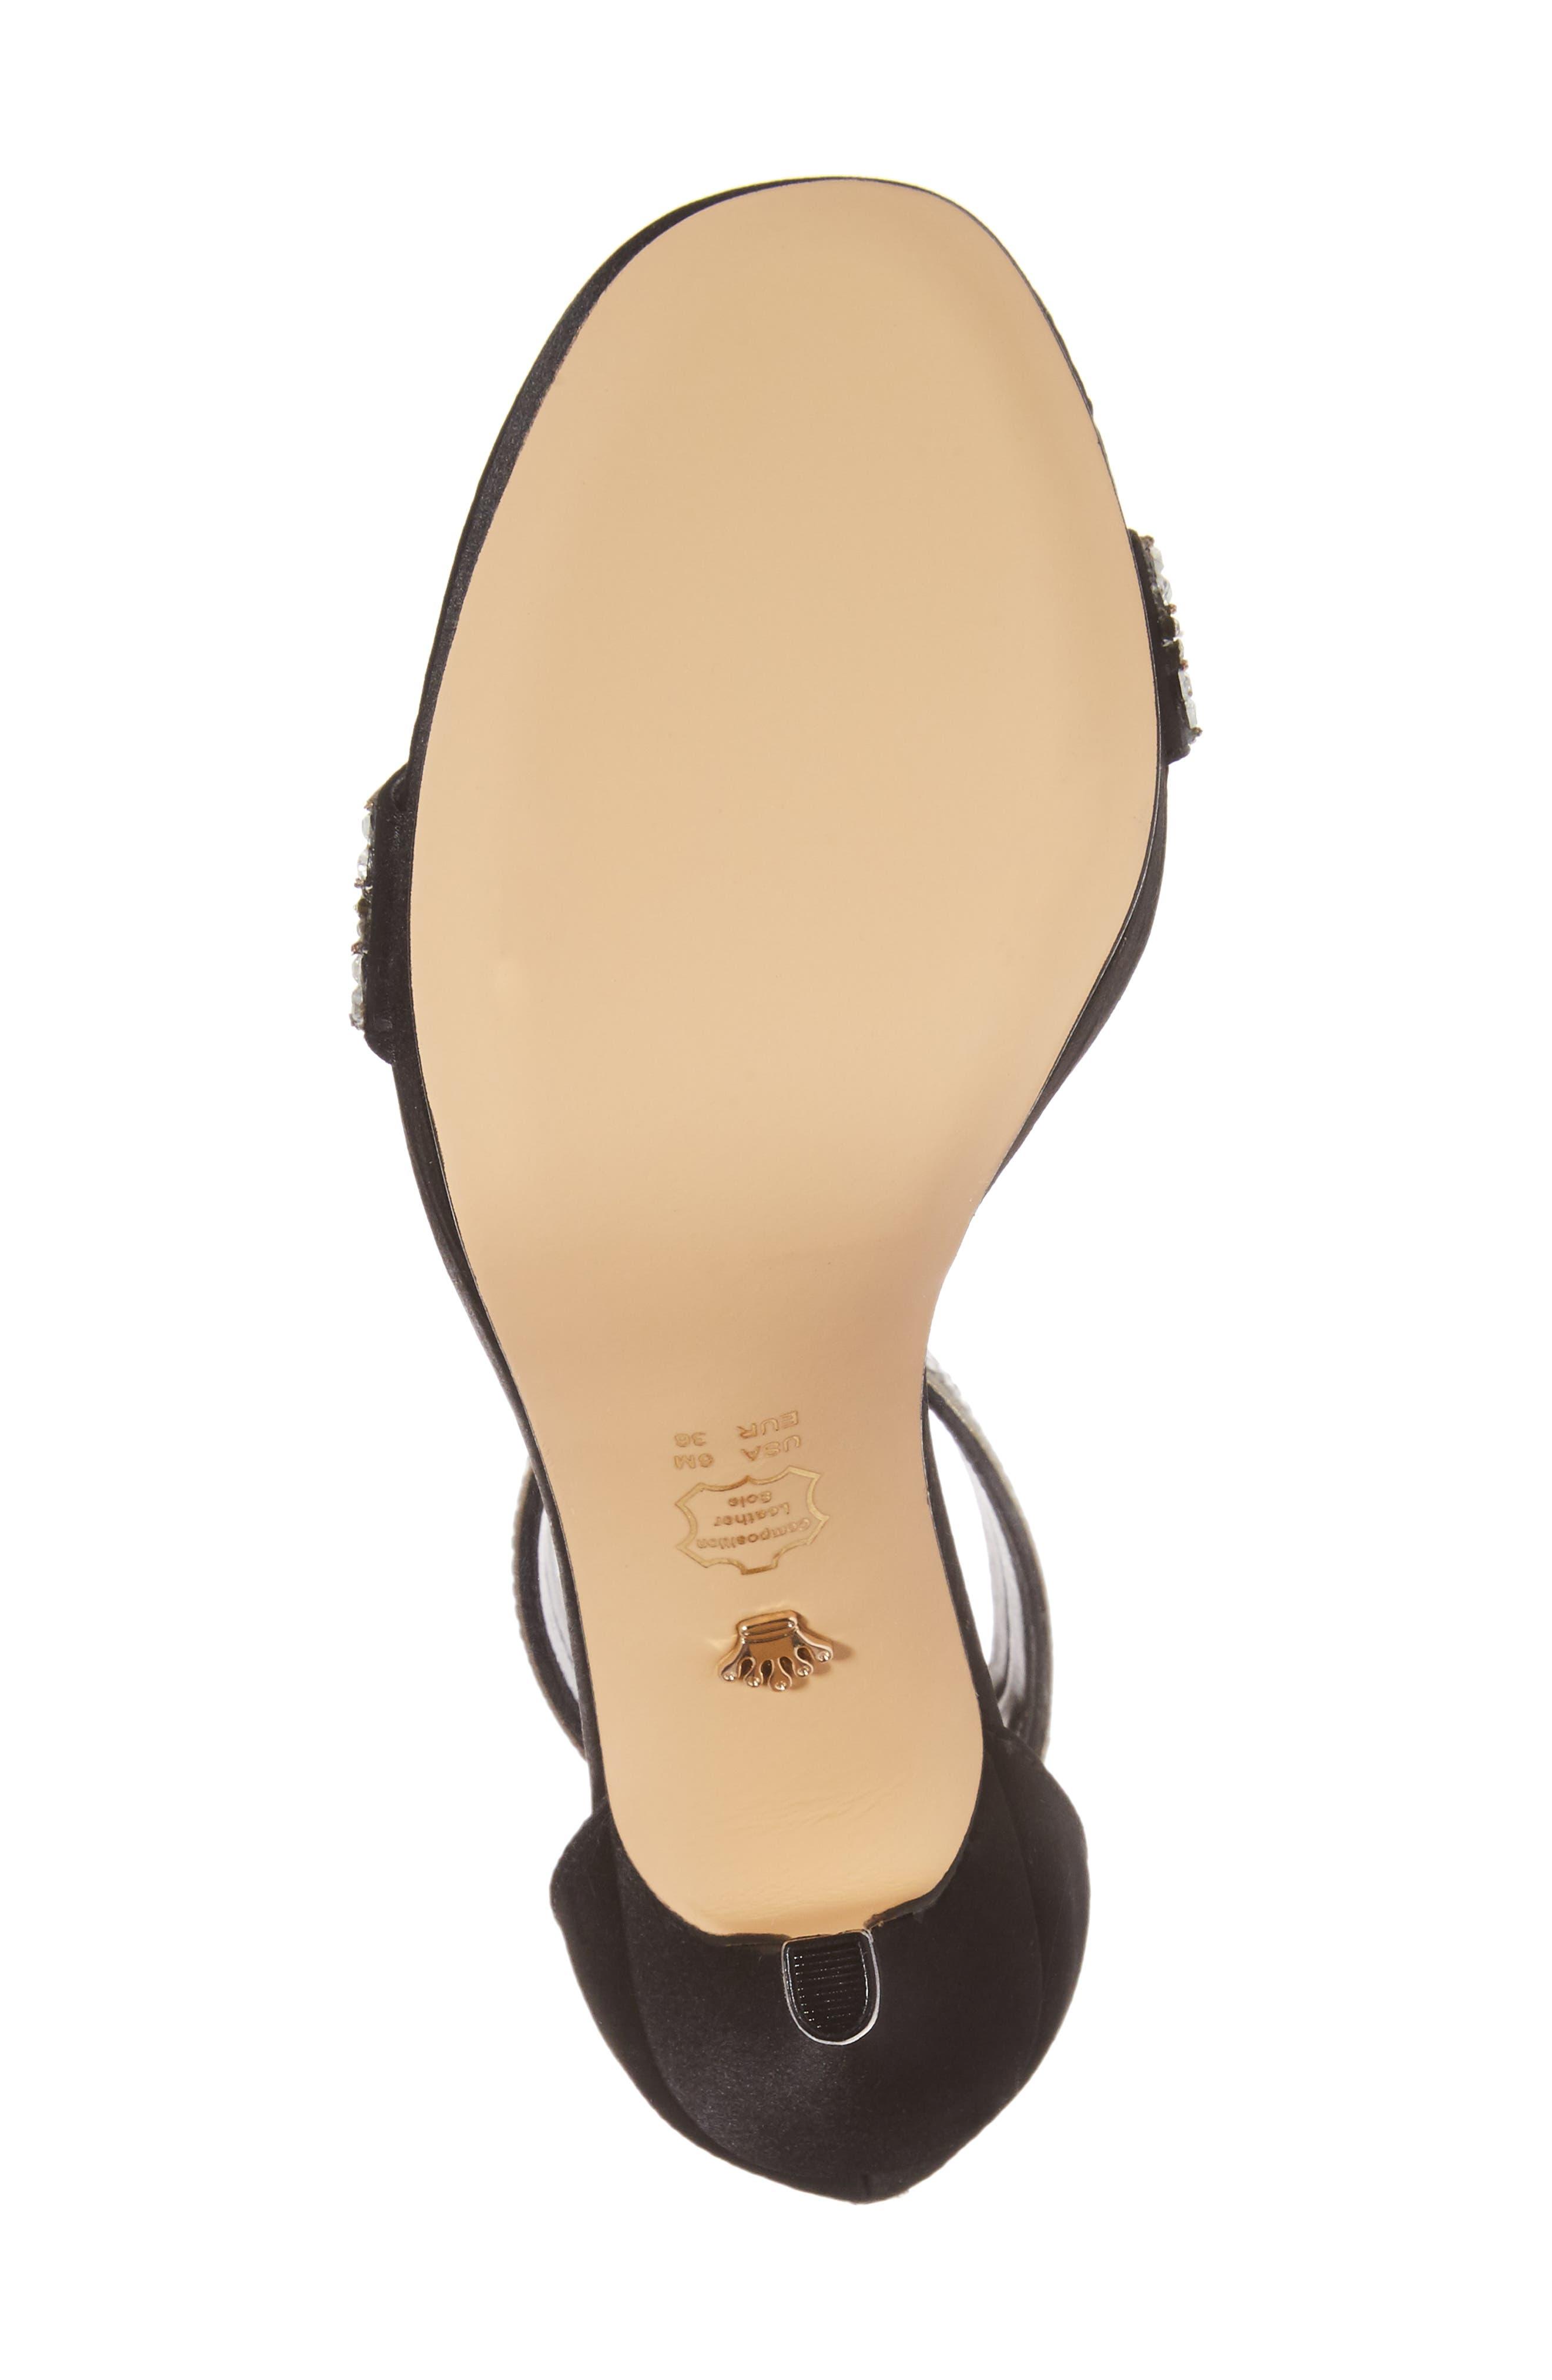 Aubrie Ankle Strap Sandal,                             Alternate thumbnail 6, color,                             Black Satin